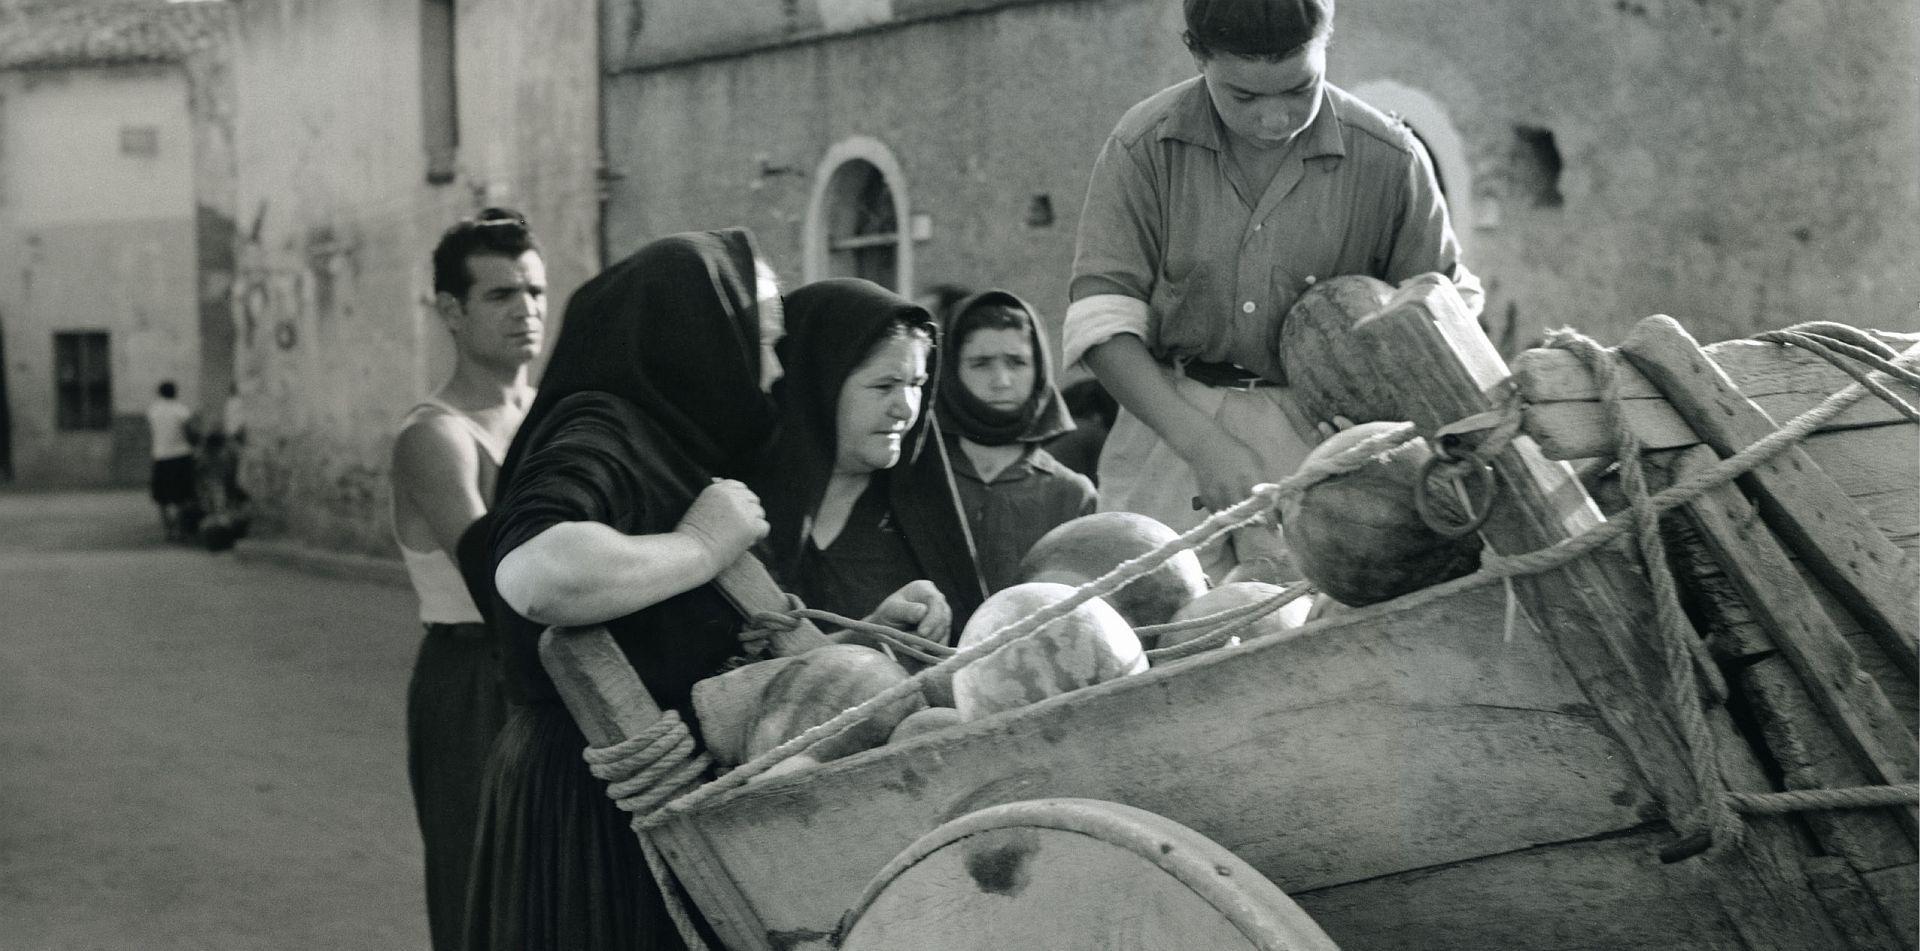 Grafik 65 Jahre Schwarz-Weiß Fotografie